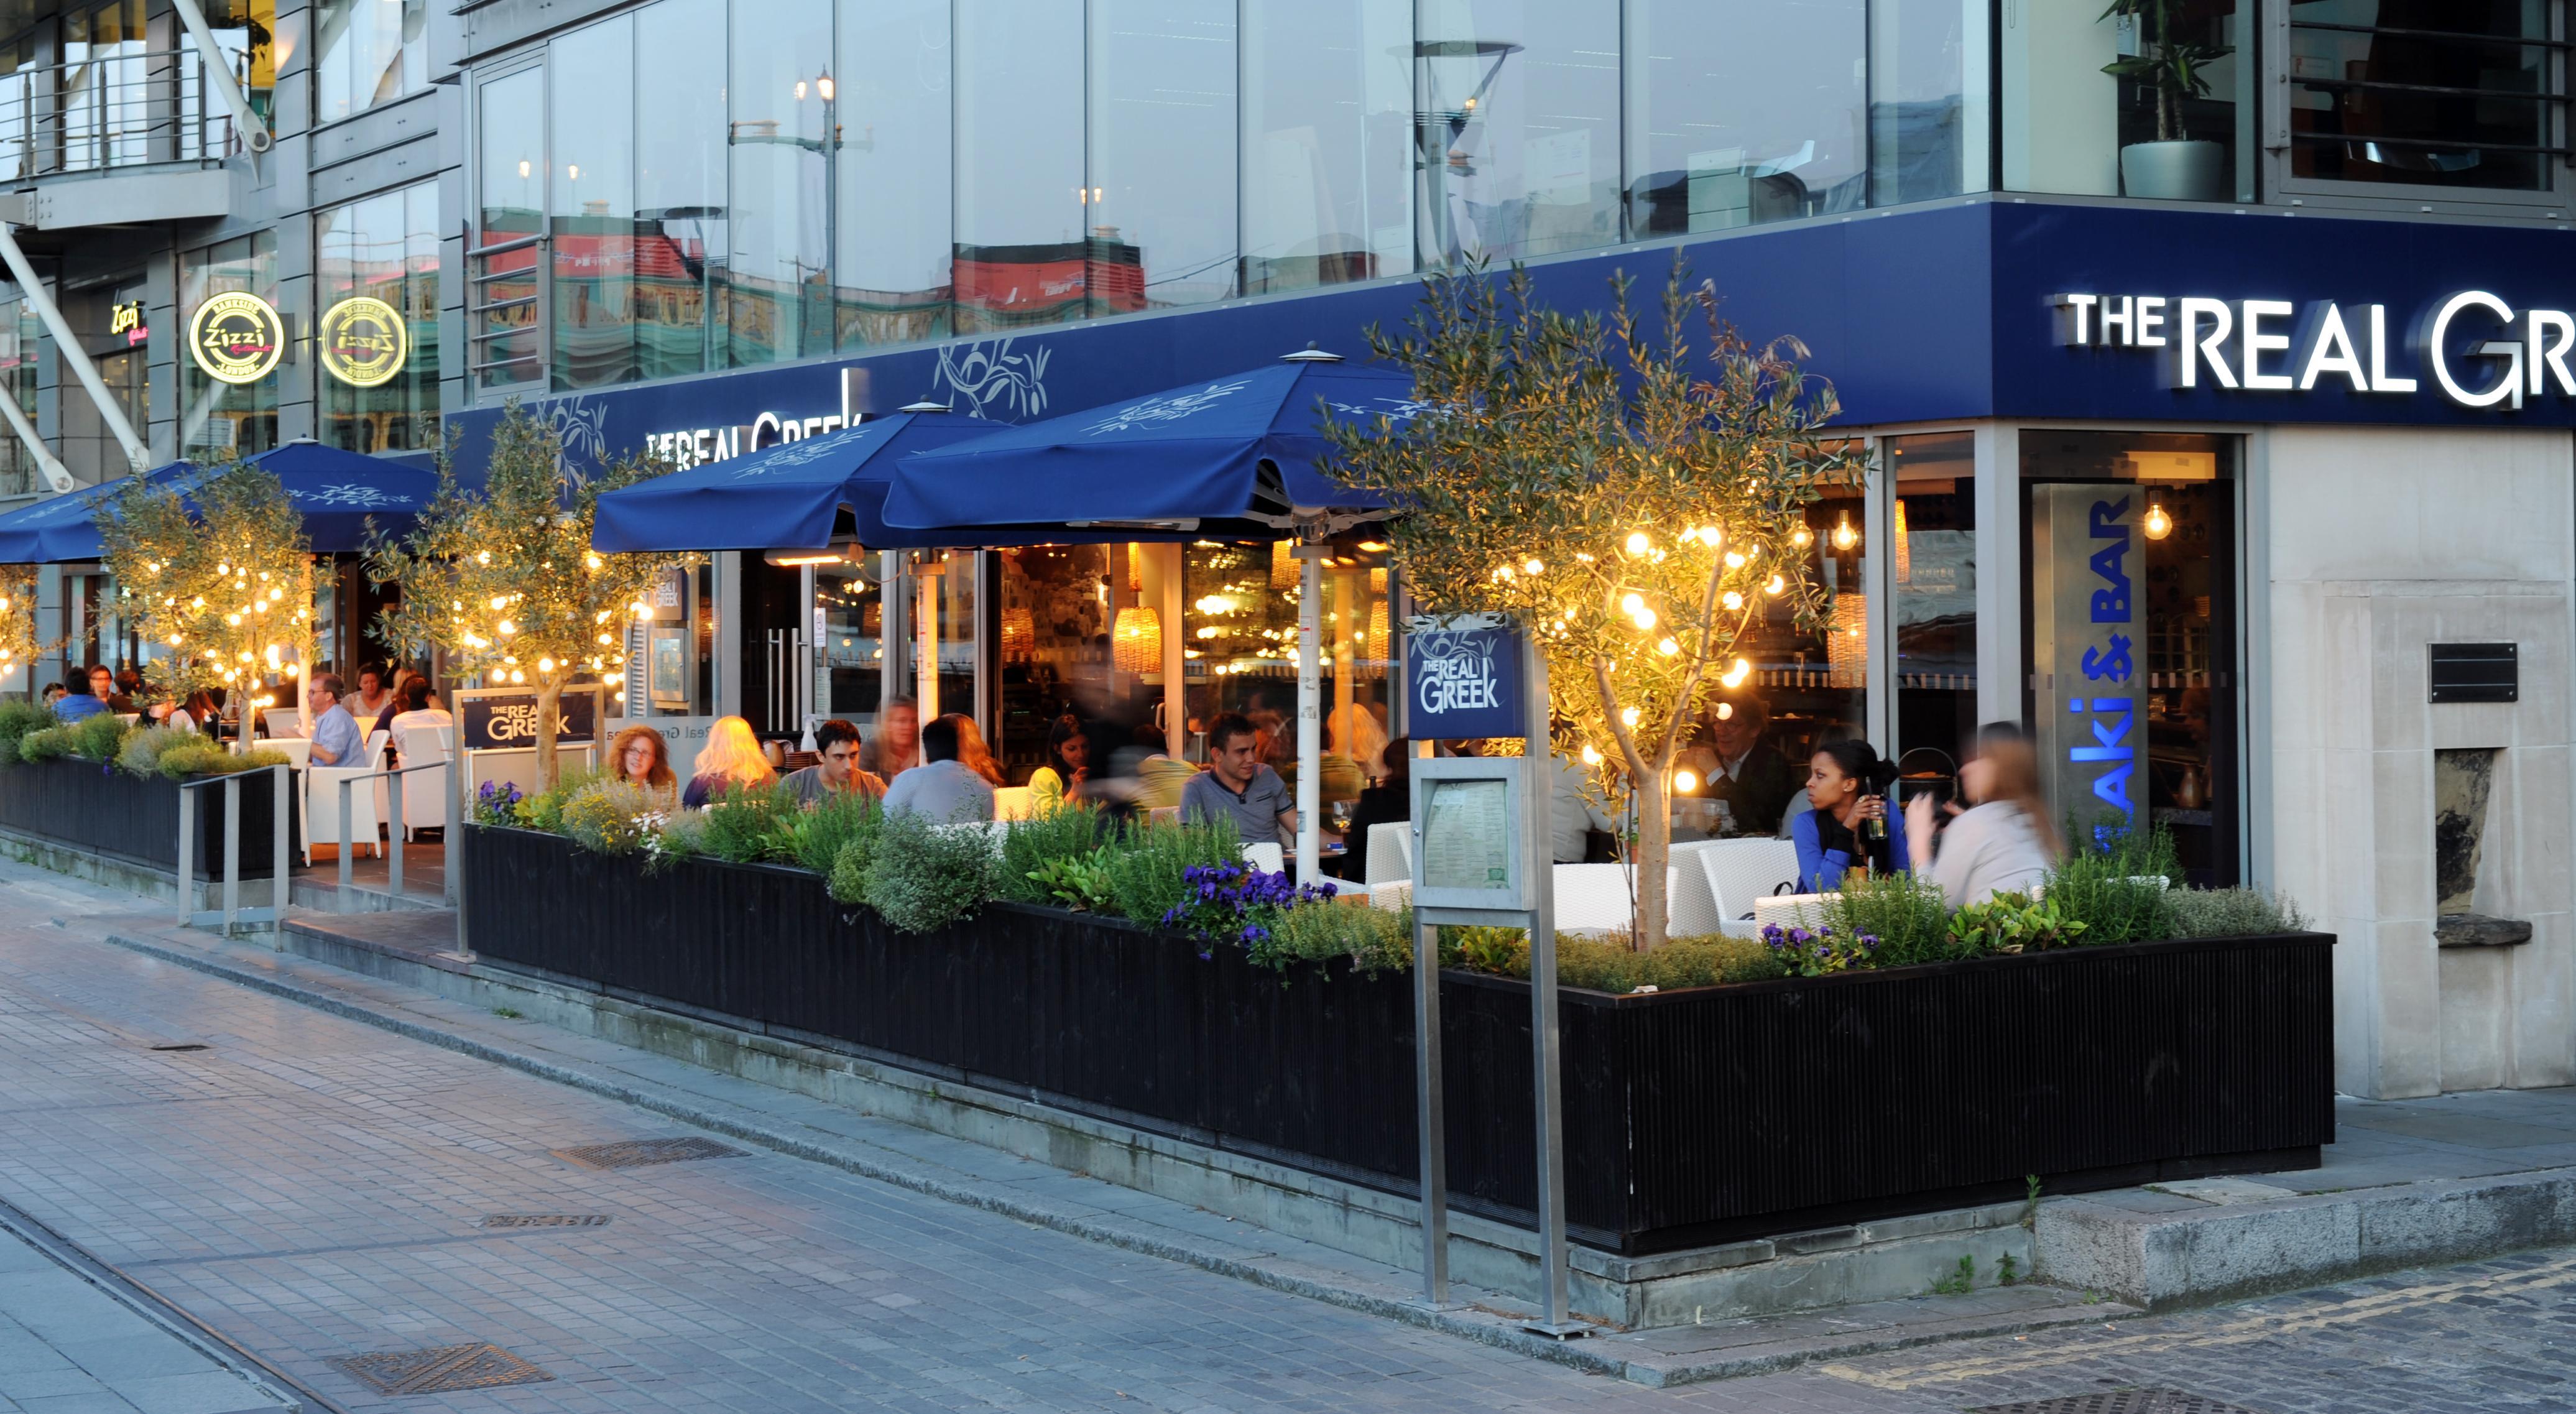 The Real Greek exterior - Bankside